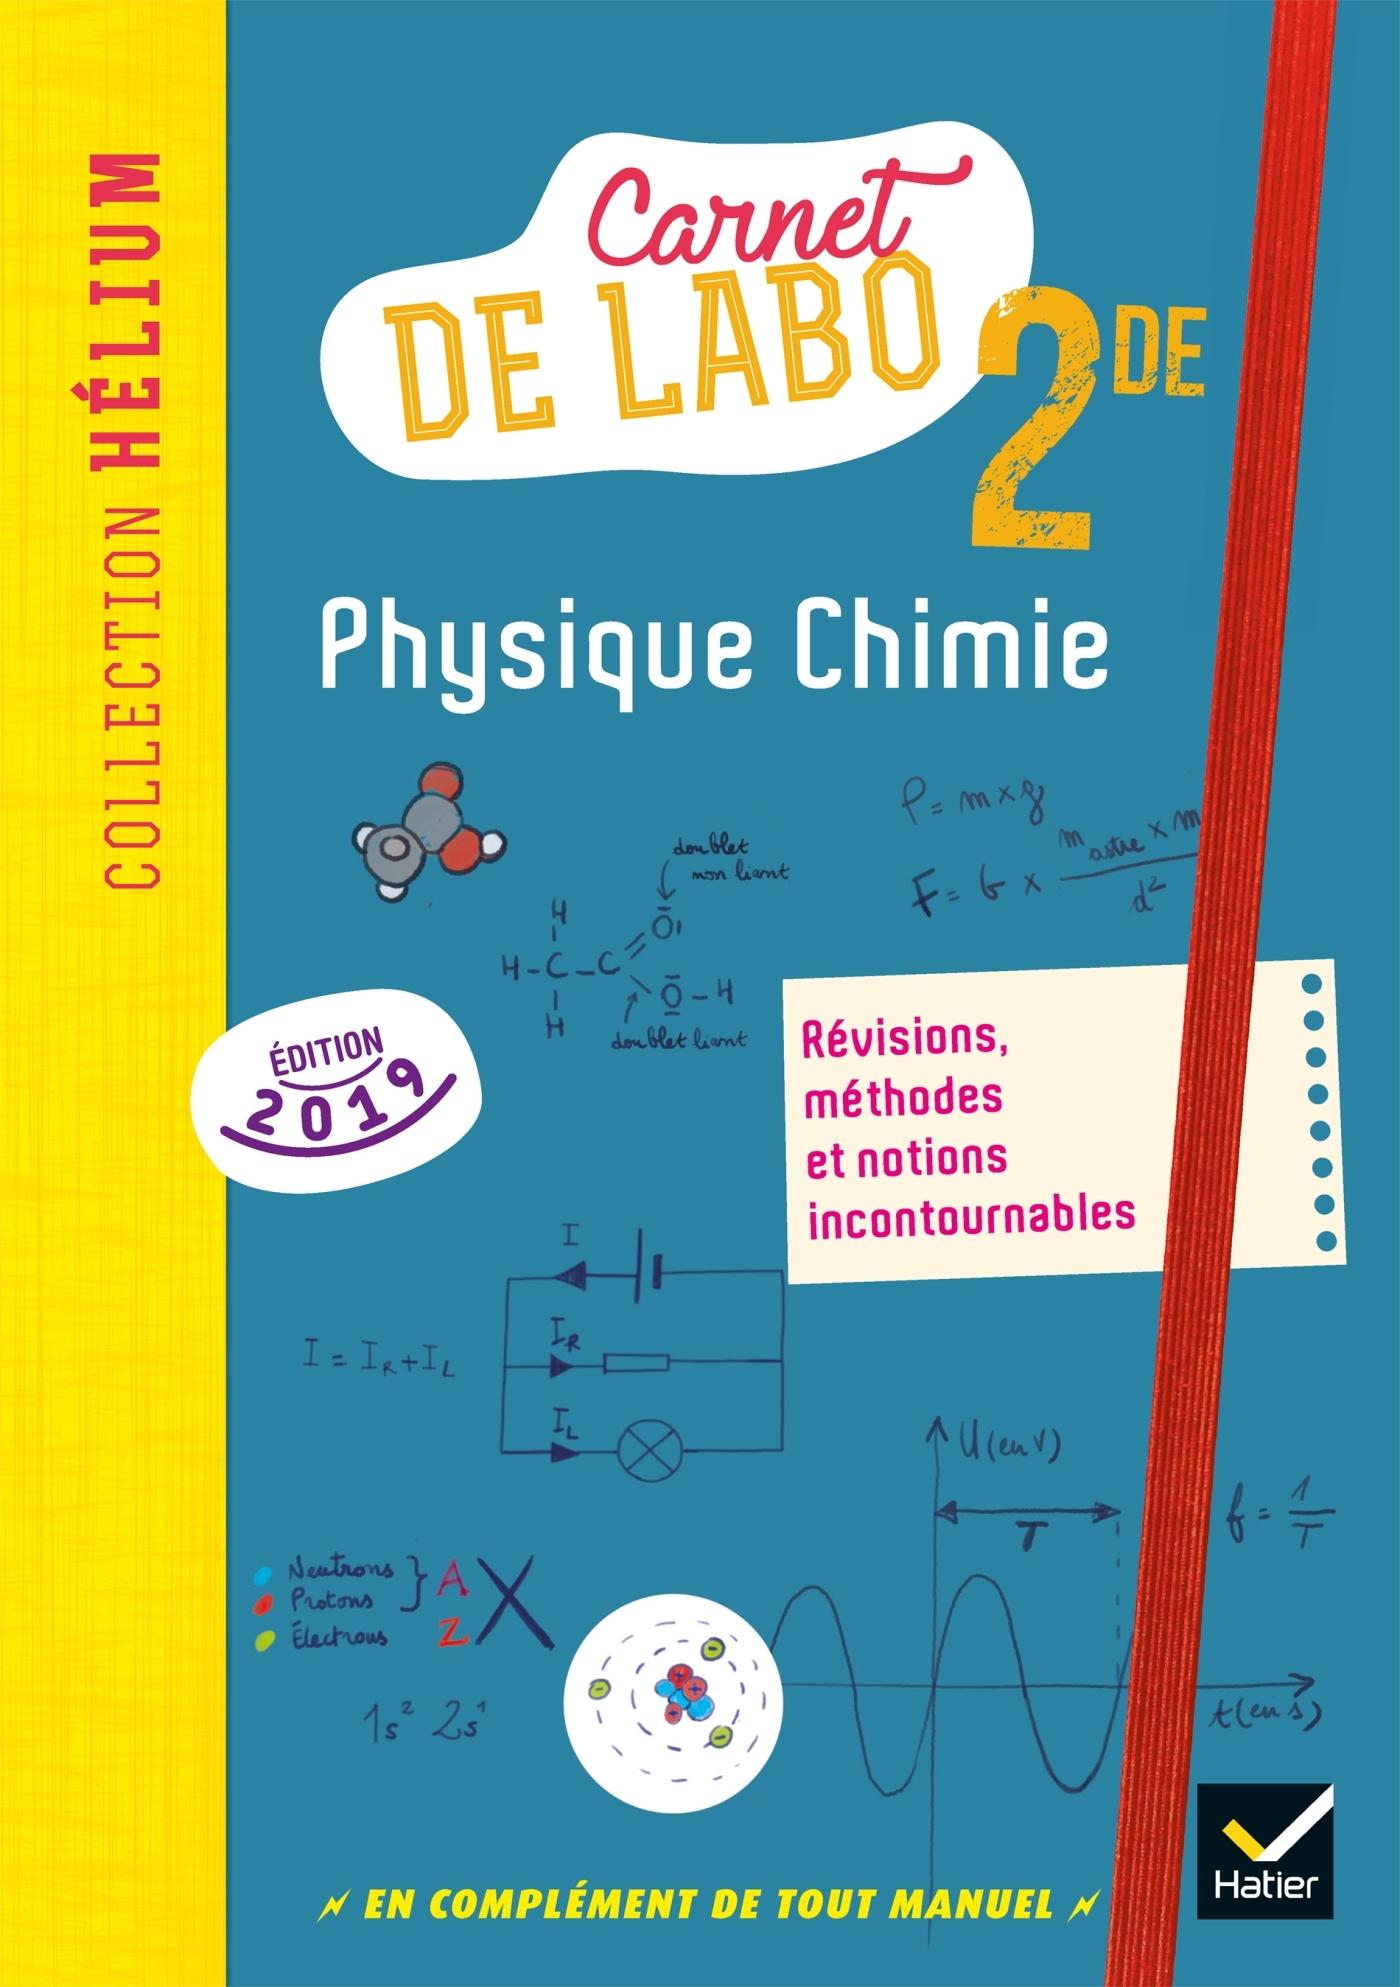 PHYSIQUE CHIMIE 2DE - ED. 2019 - CARNET DE LABO